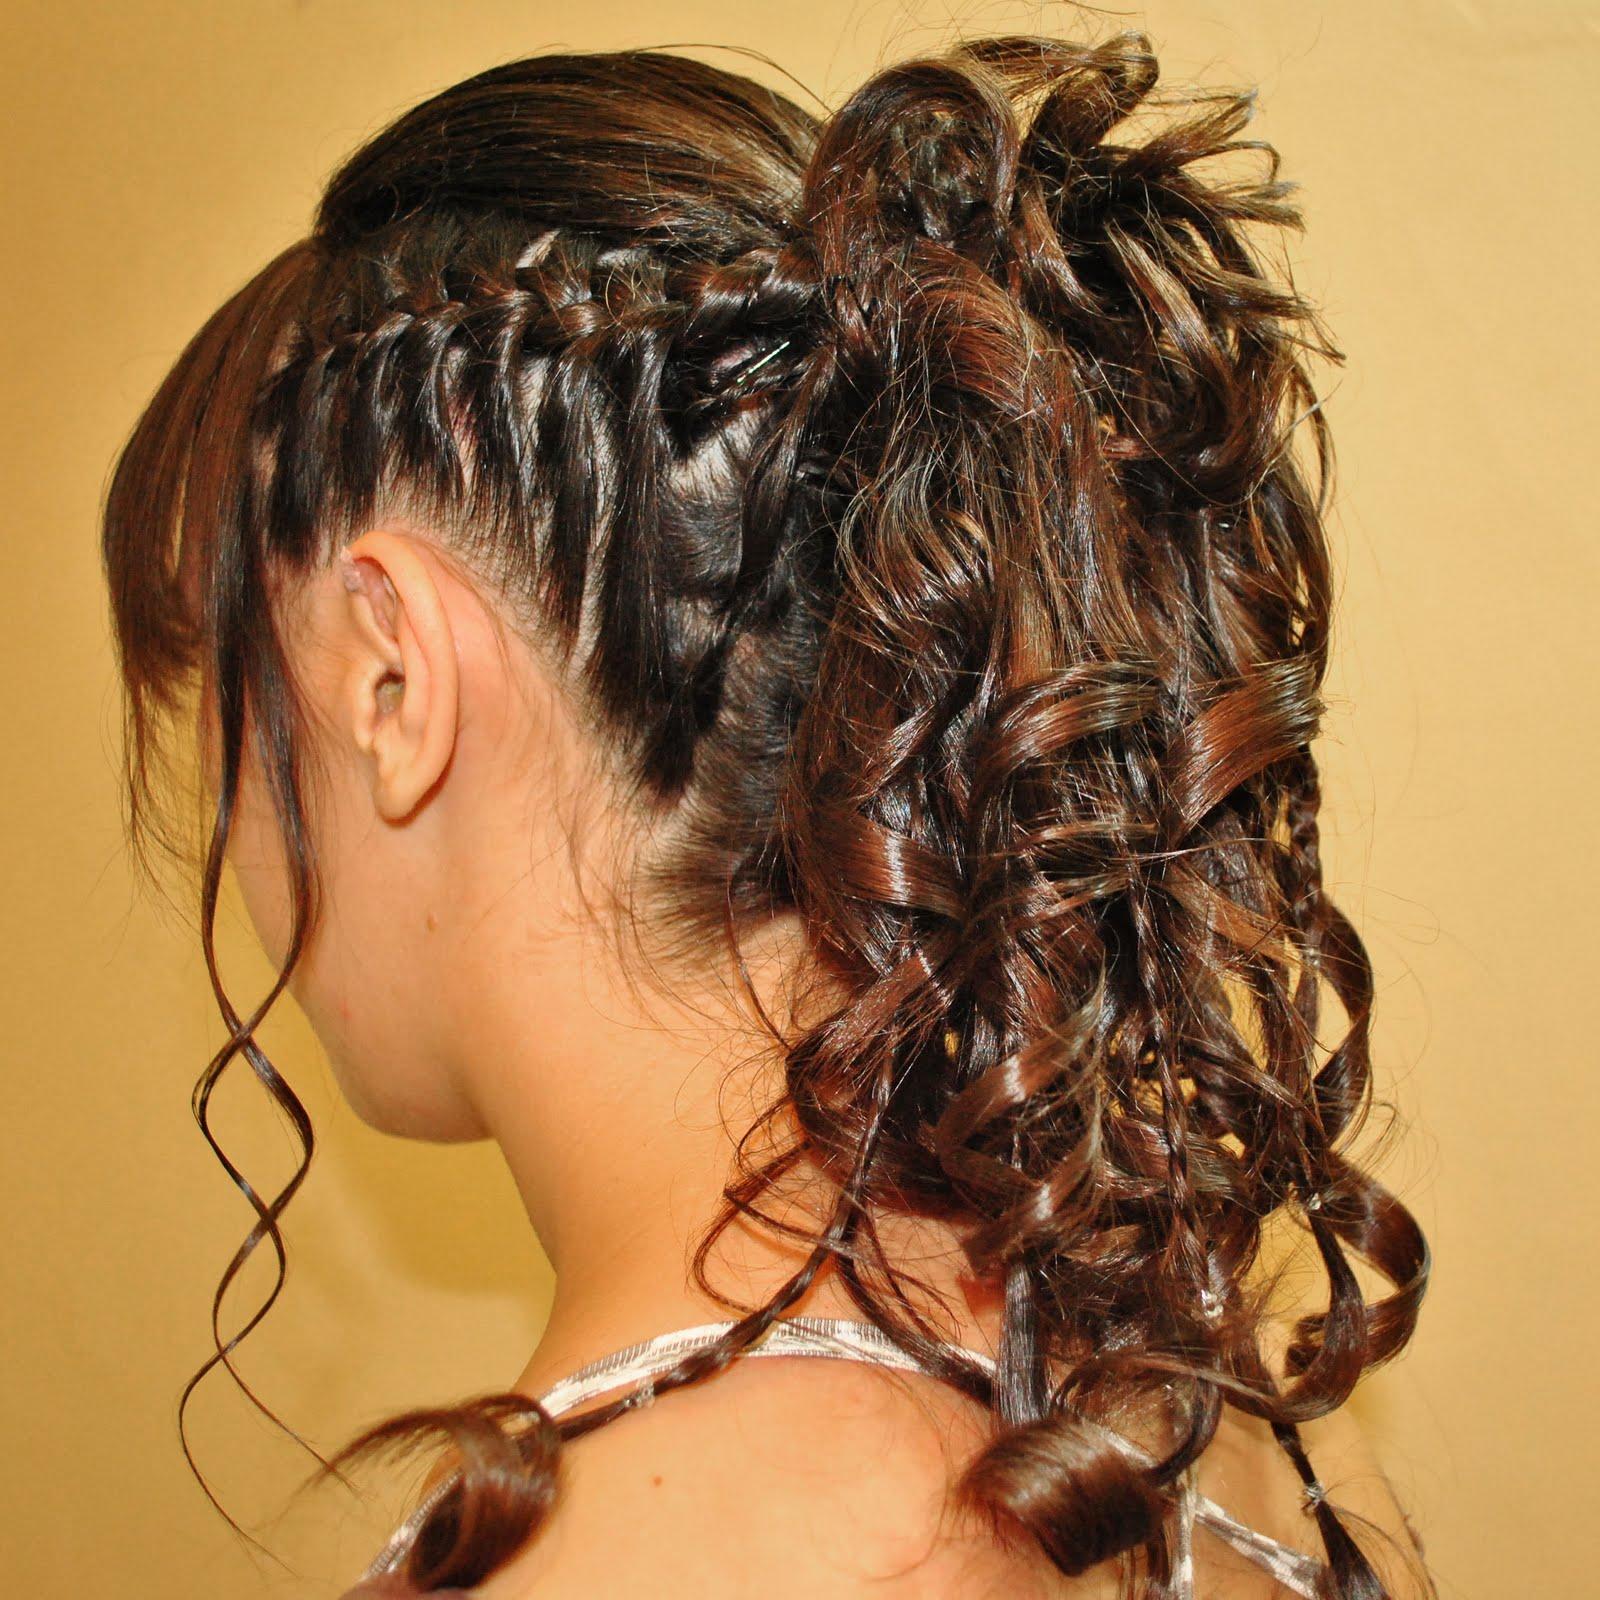 Diferentes versiones peinados para quinceañeras Galeria De Cortes De Cabello Estilo - Moda Cabellos: Peinados con Trenzas para Quinceañeras